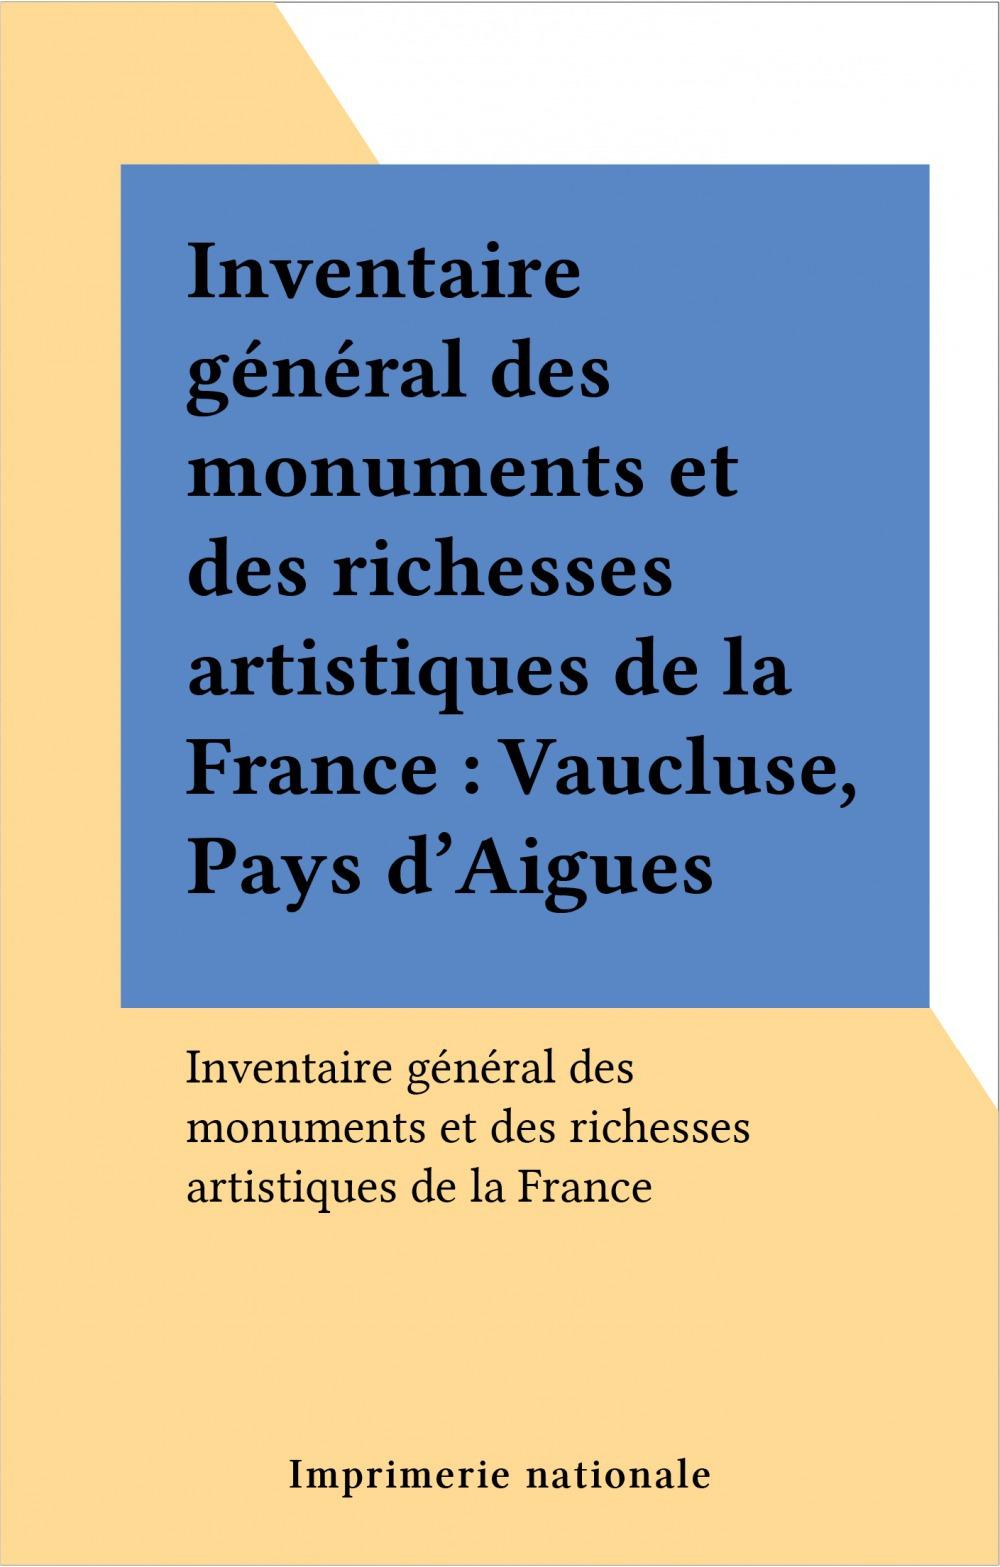 Inventaire général des monuments et des richesses artistiques de la France : Vaucluse, Pays d'Aigues